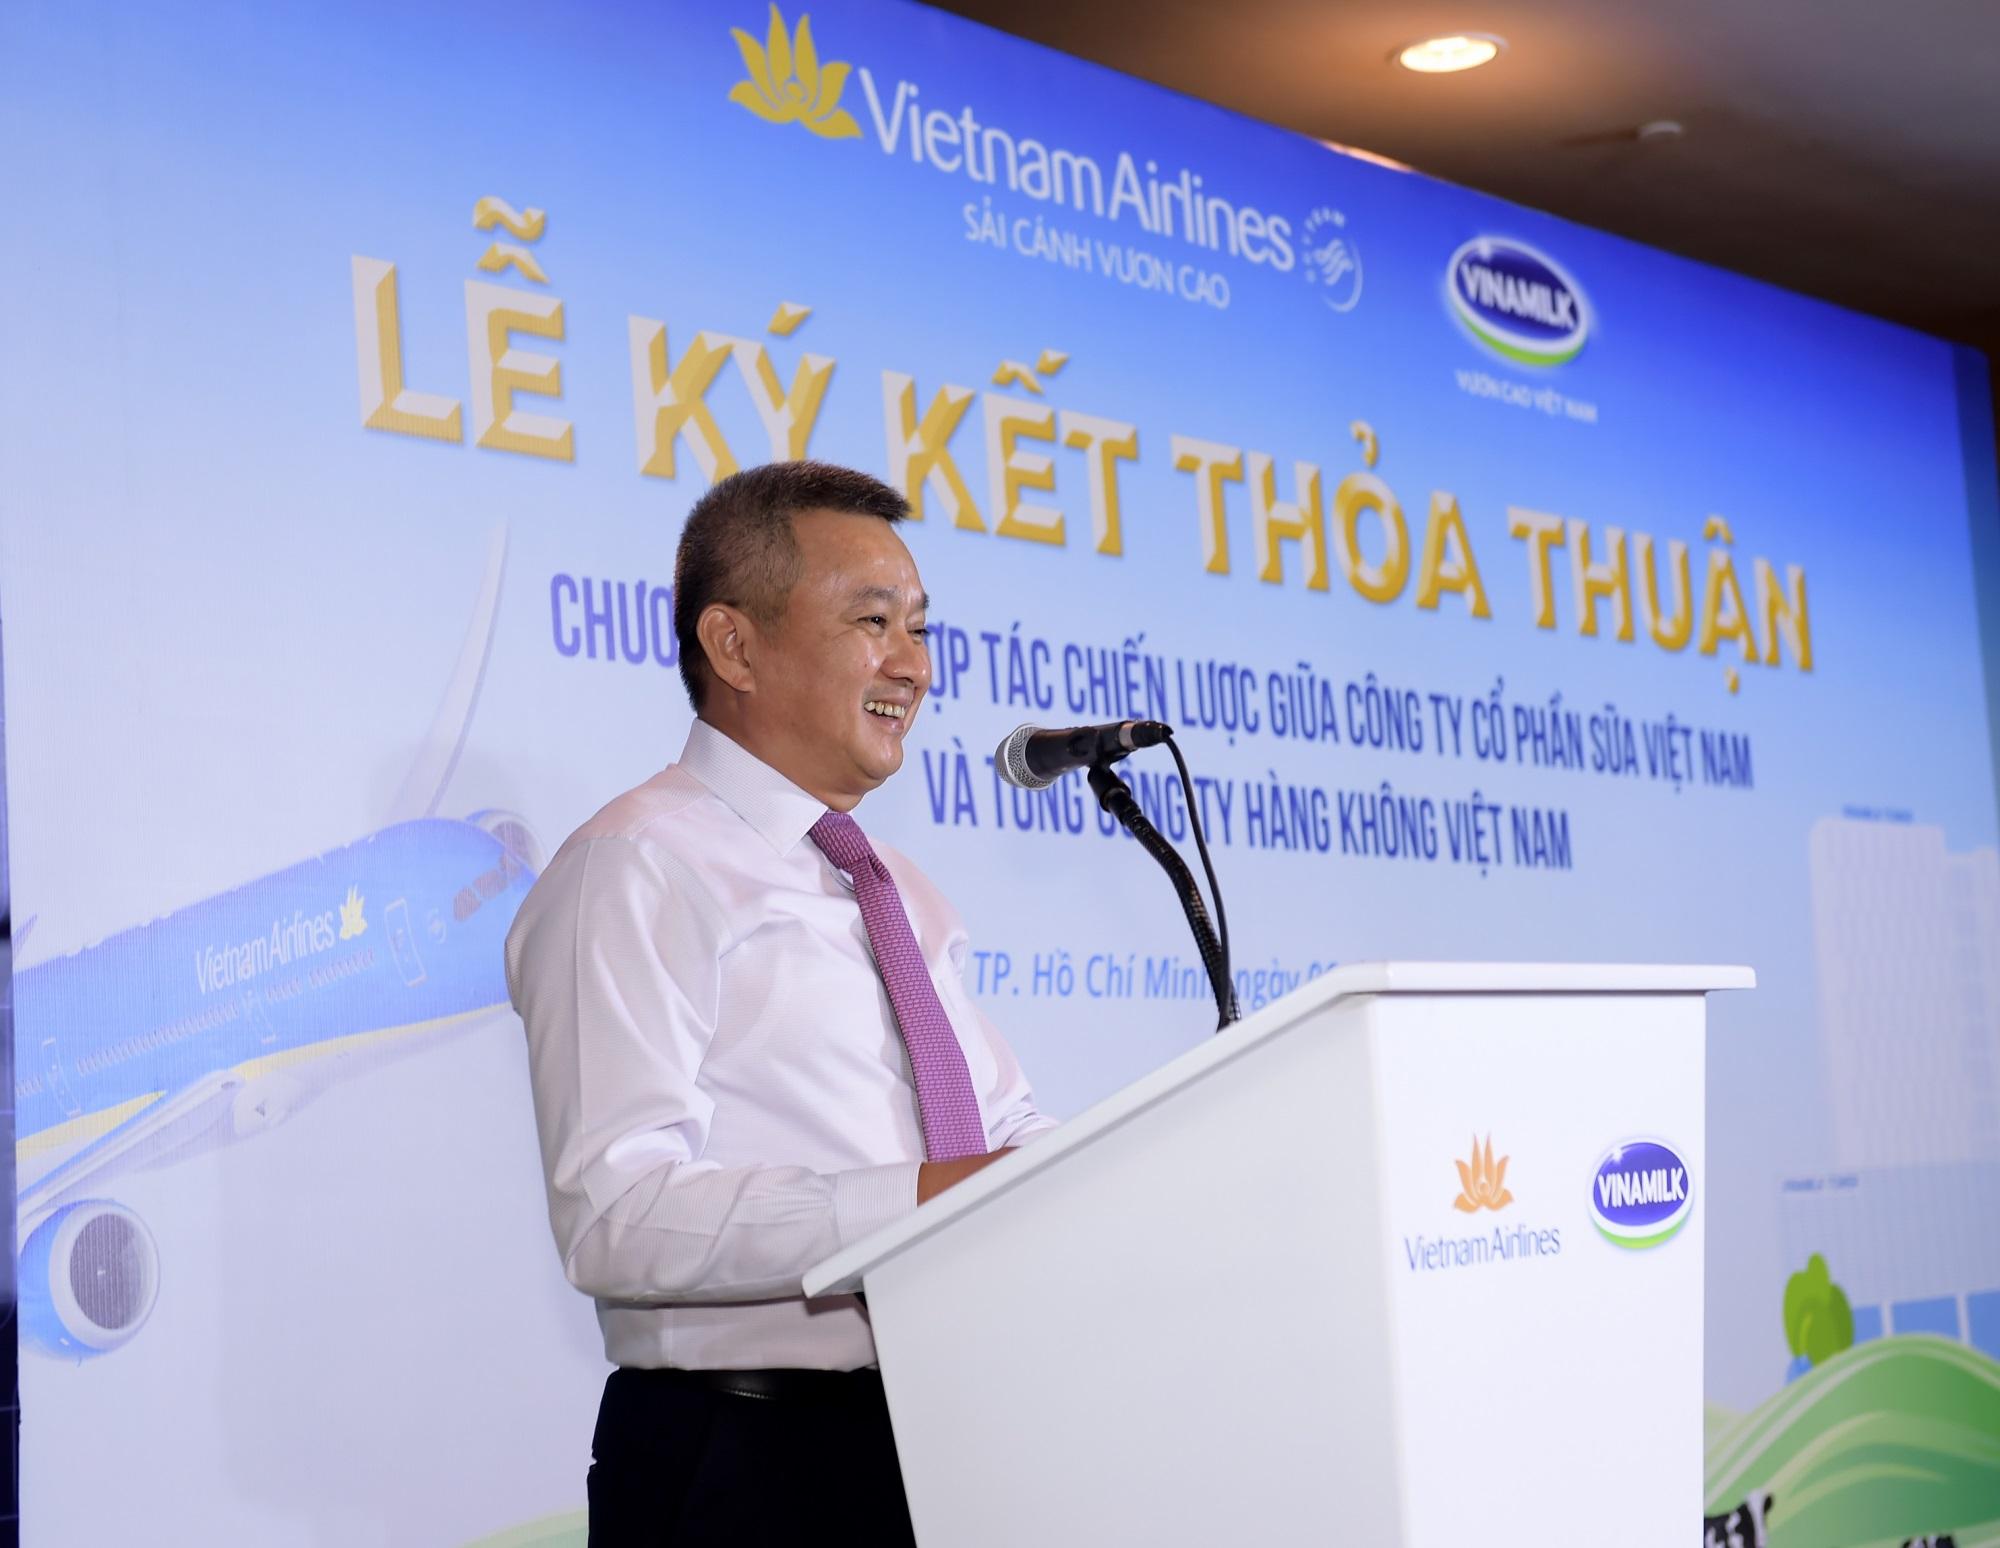 Vietnam Airlines và Vinamilk hợp tác chiến lược cùng phát triển thương hiệu vươn tầm quốc tế - Ảnh 1